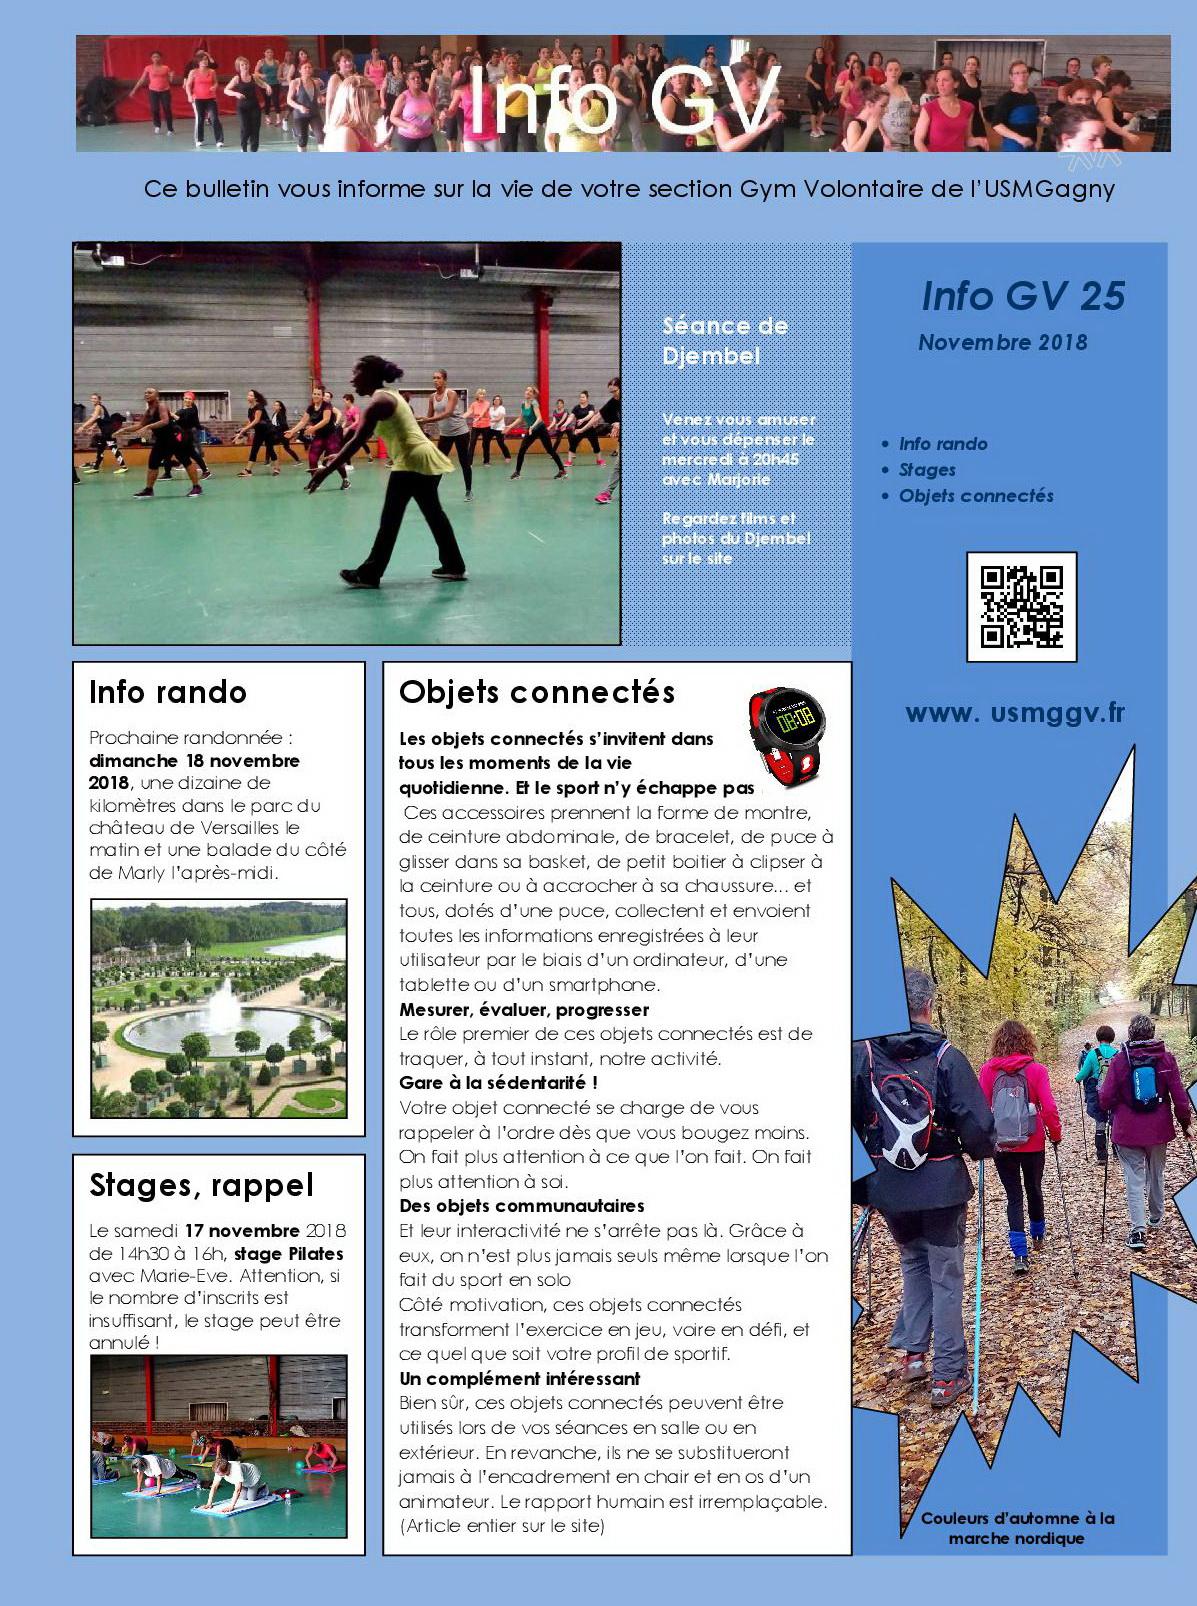 Info gv 25